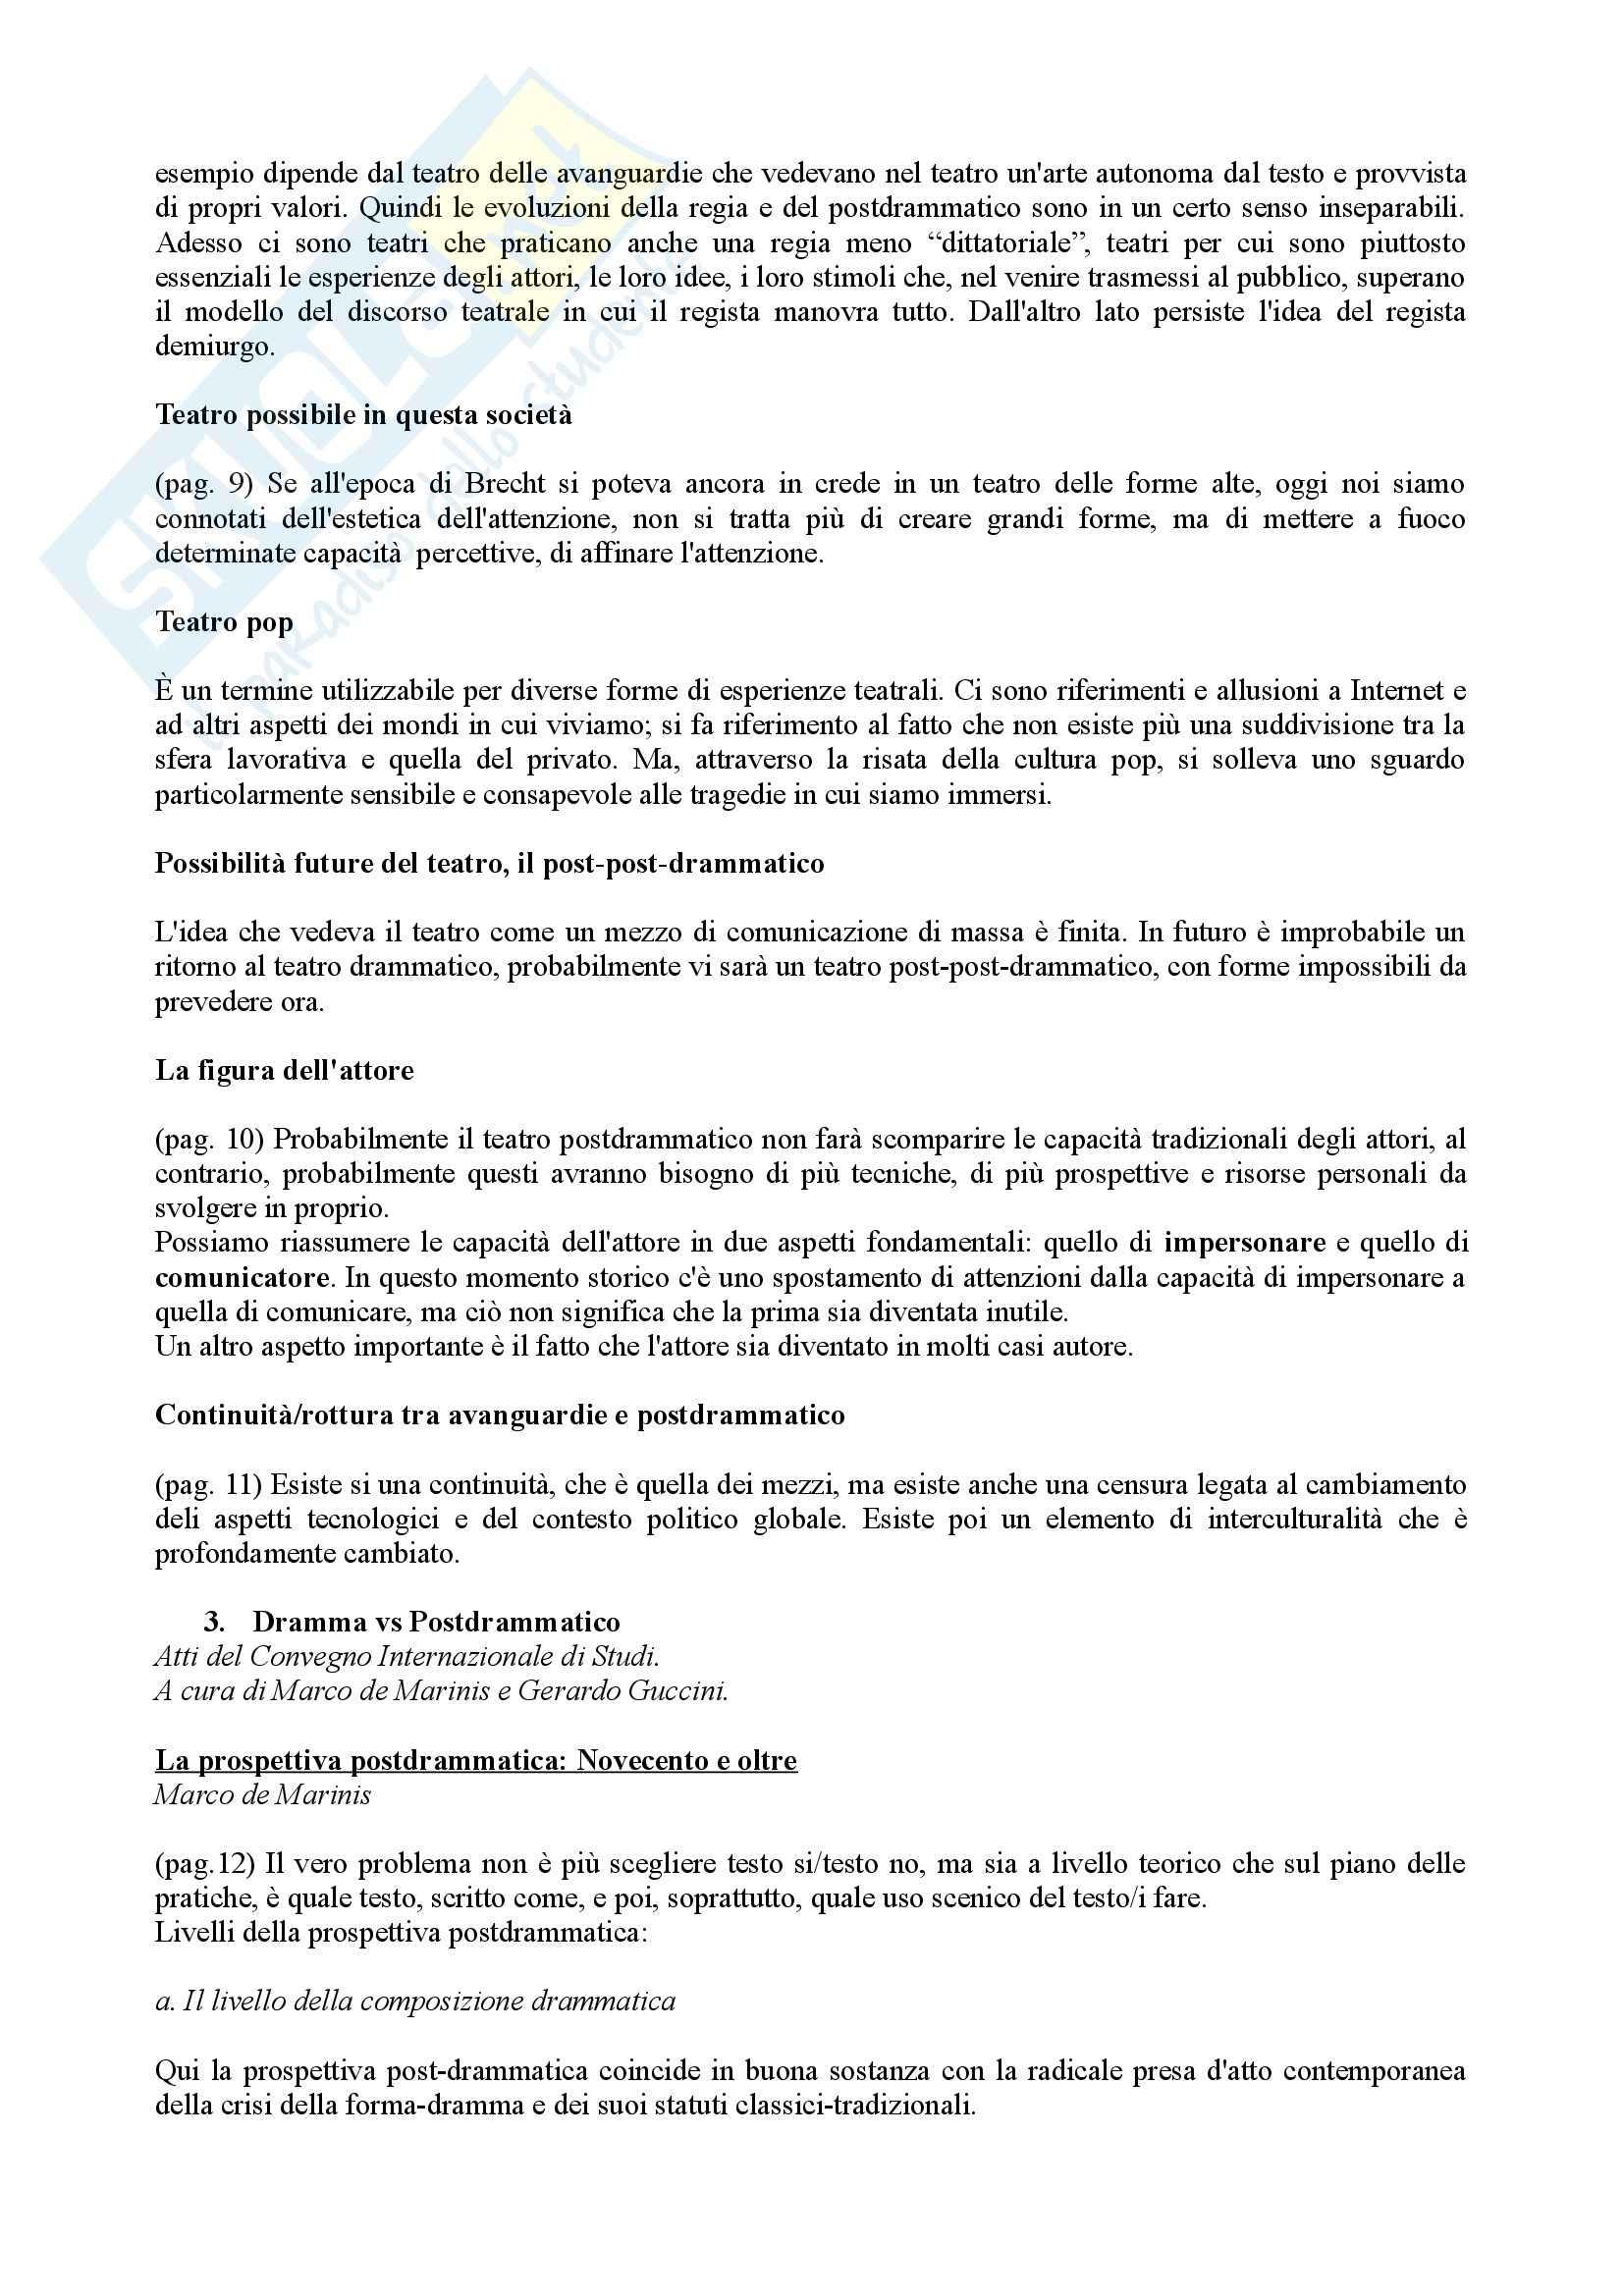 Riassunto esame Drammaturgia, prof. Guccini, libro consigliato Dramma vs Postdrammatico, Di Matteo Pag. 2